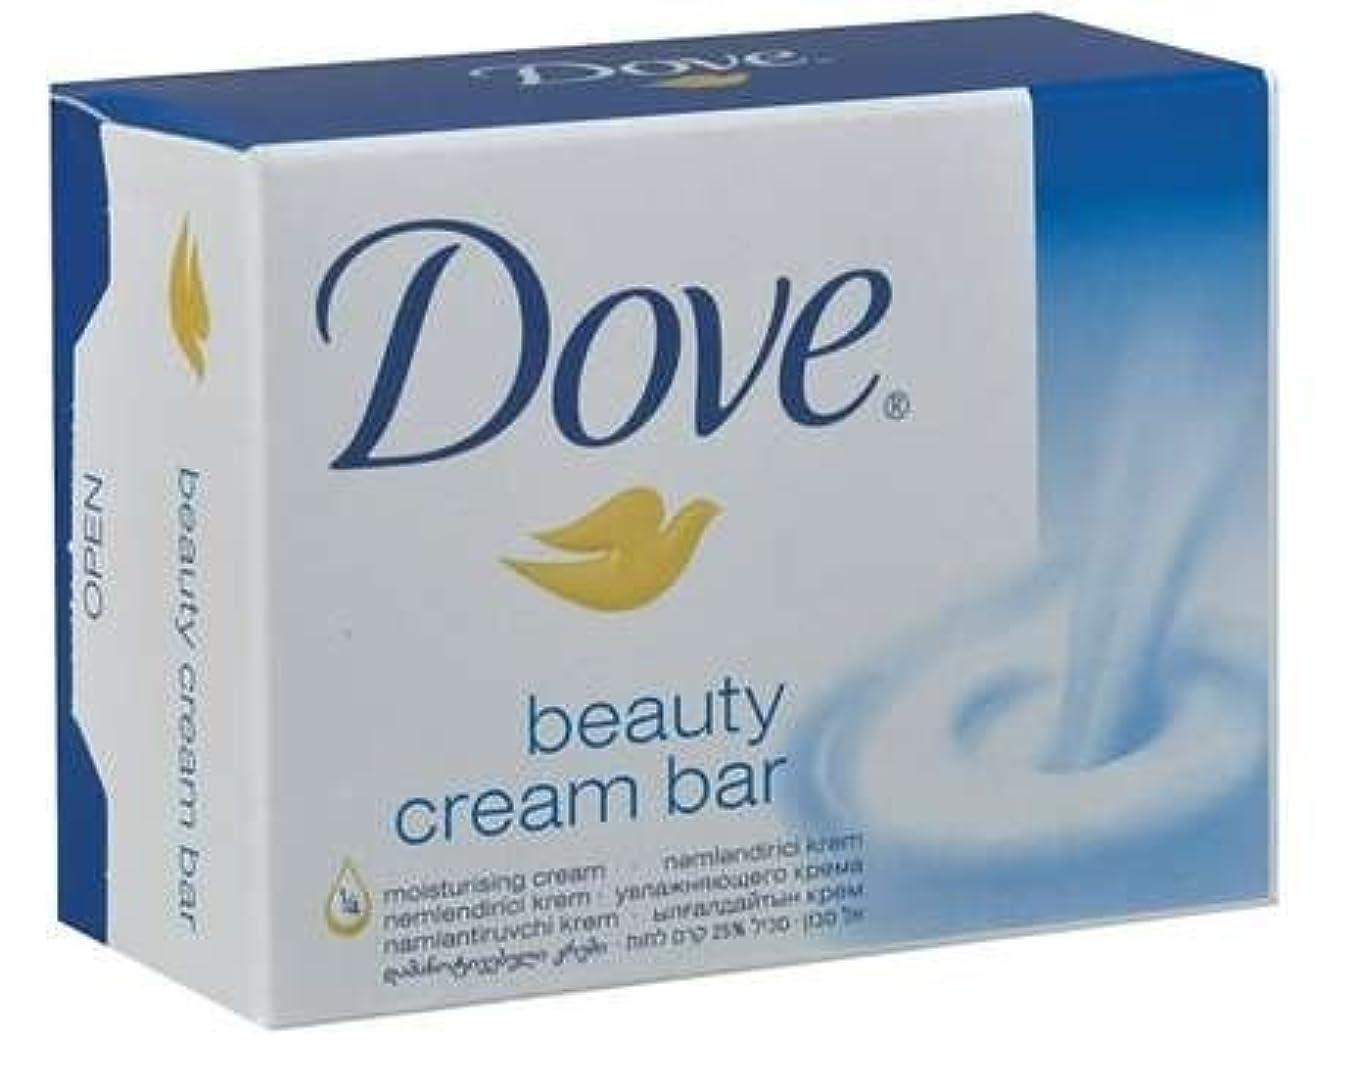 協力ウルルエゴイズムDove Original Beauty Cream Bar White Soap 100 G / 3.5 Oz Bars (Pack of 12) by Dove [並行輸入品]